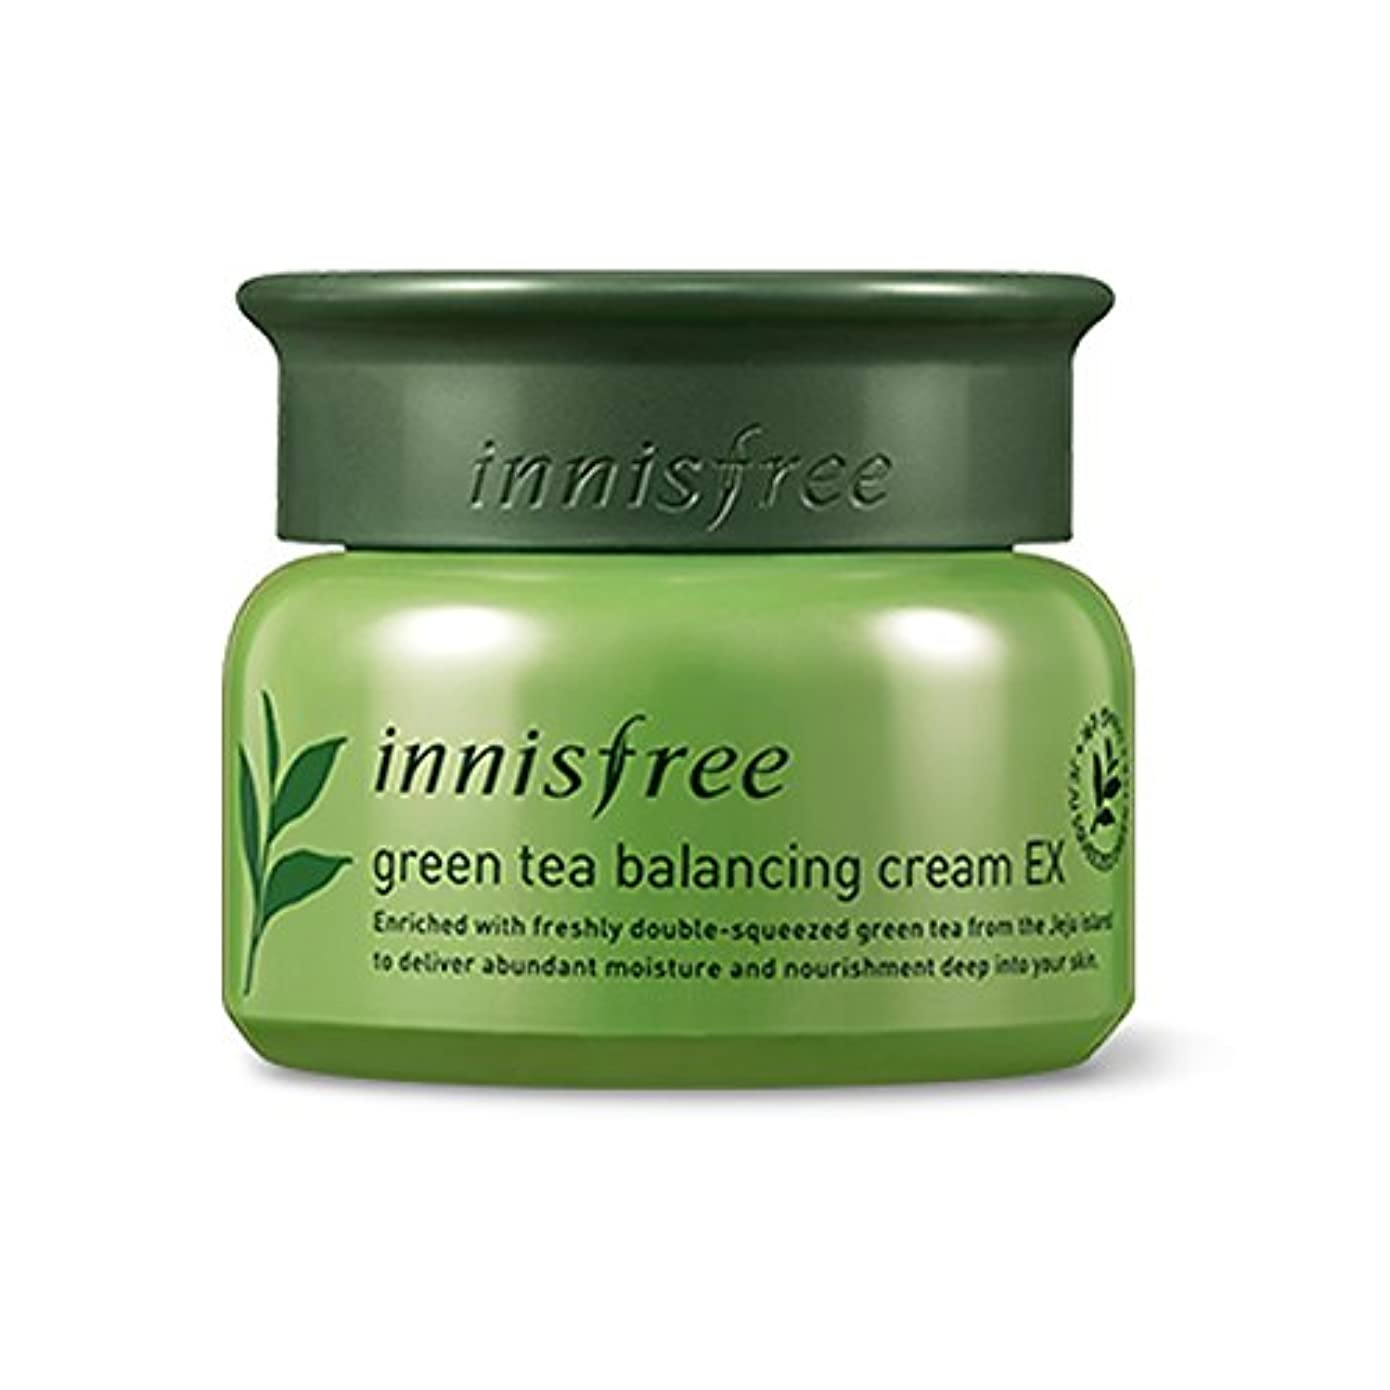 リズミカルなコーヒー農民イニスフリーグリーンティーバランスクリーム50ml「2018新製品」 Innisfree Green Tea Balancing Cream 50ml